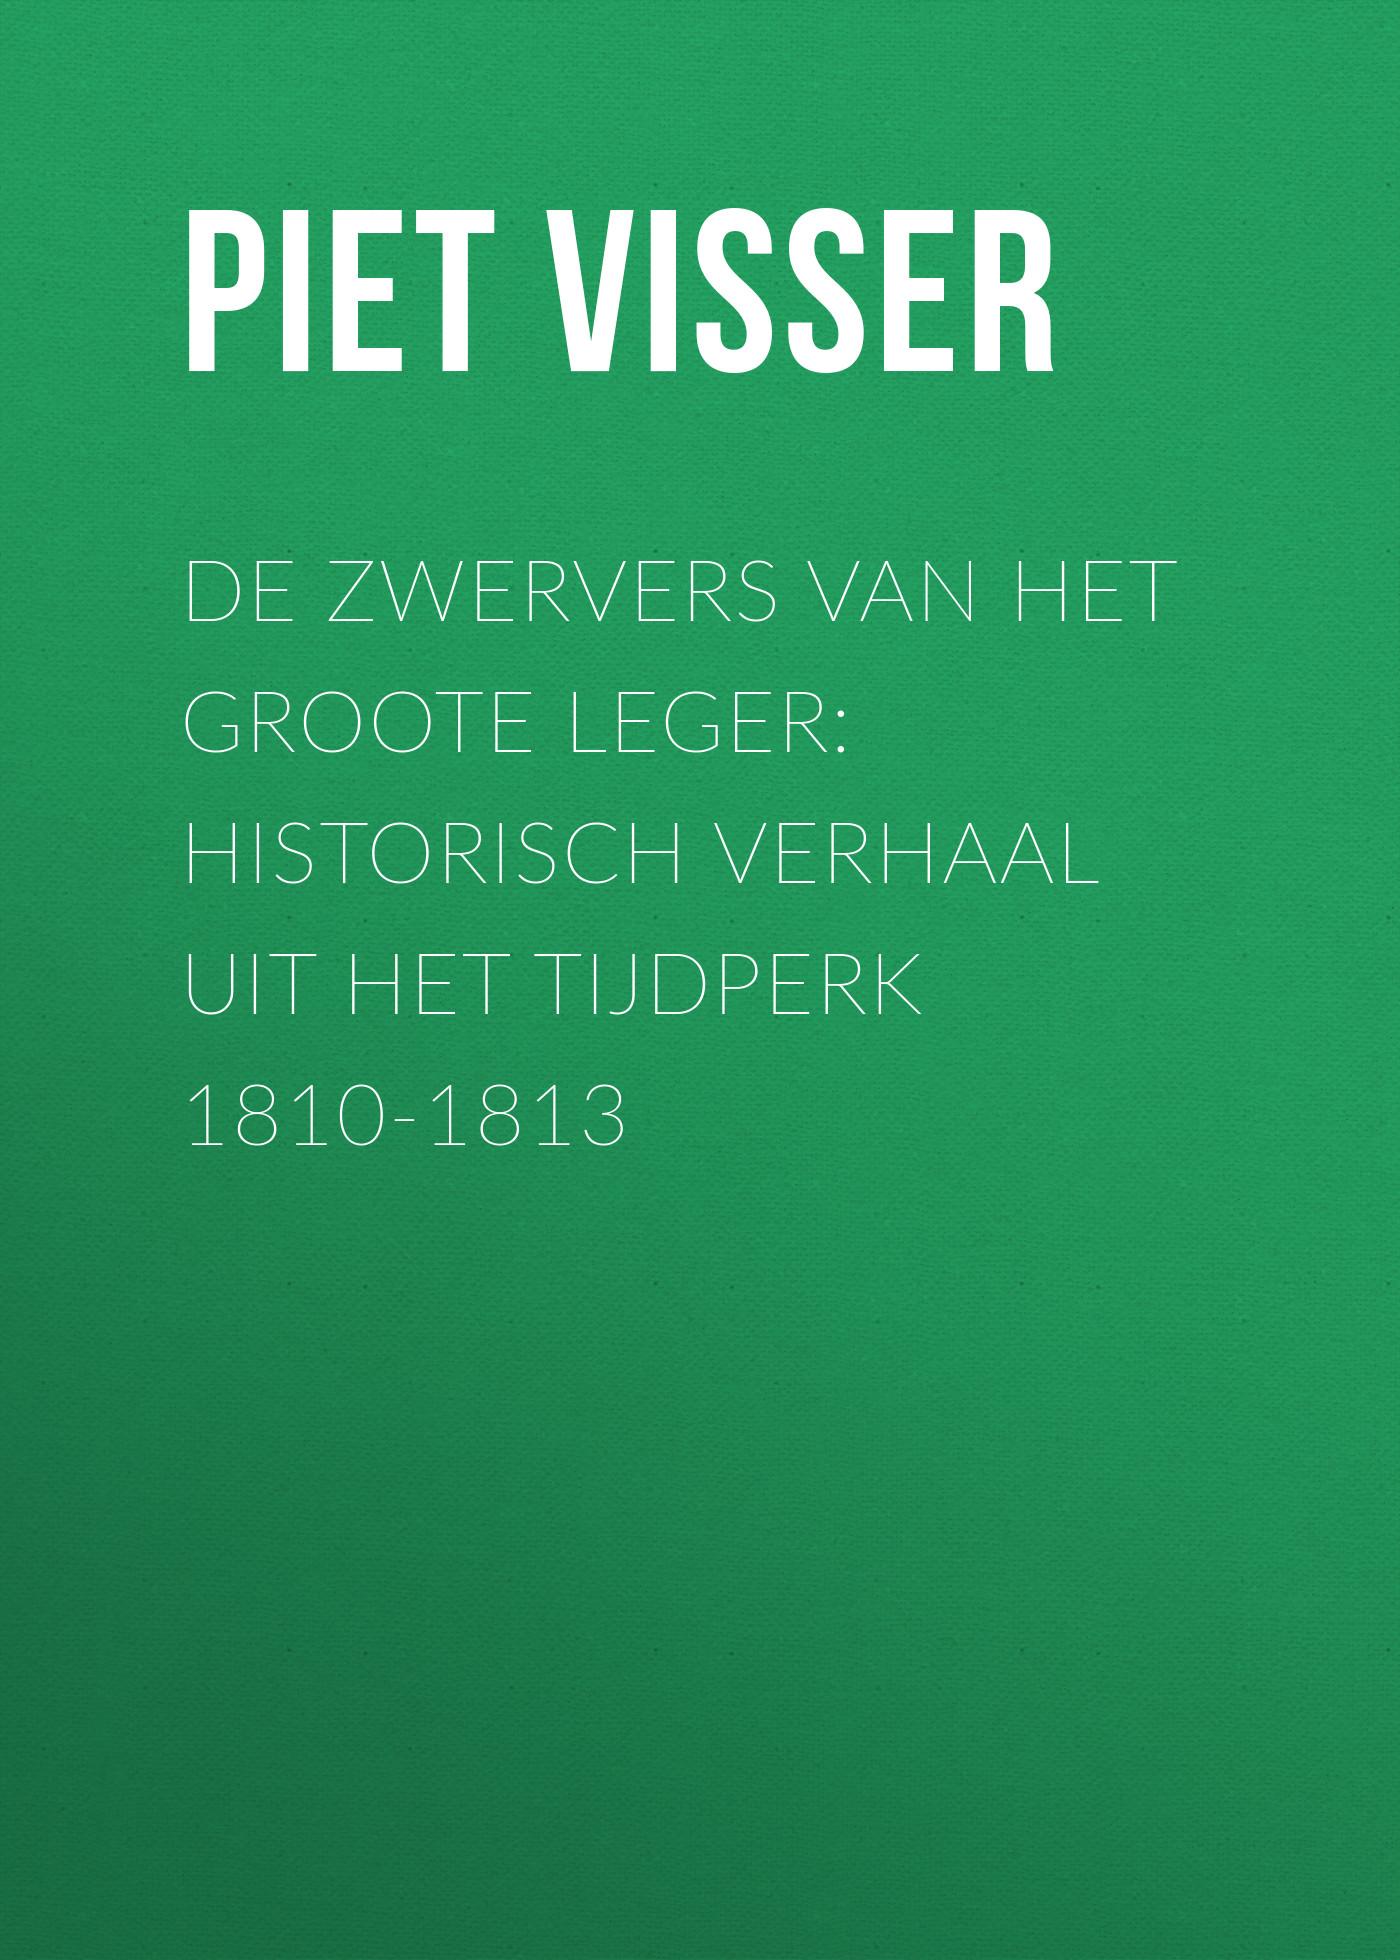 Piet Visser De Zwervers van het Groote Leger: Historisch verhaal uit het tijdperk 1810-1813 lacywear dg 58 gmr